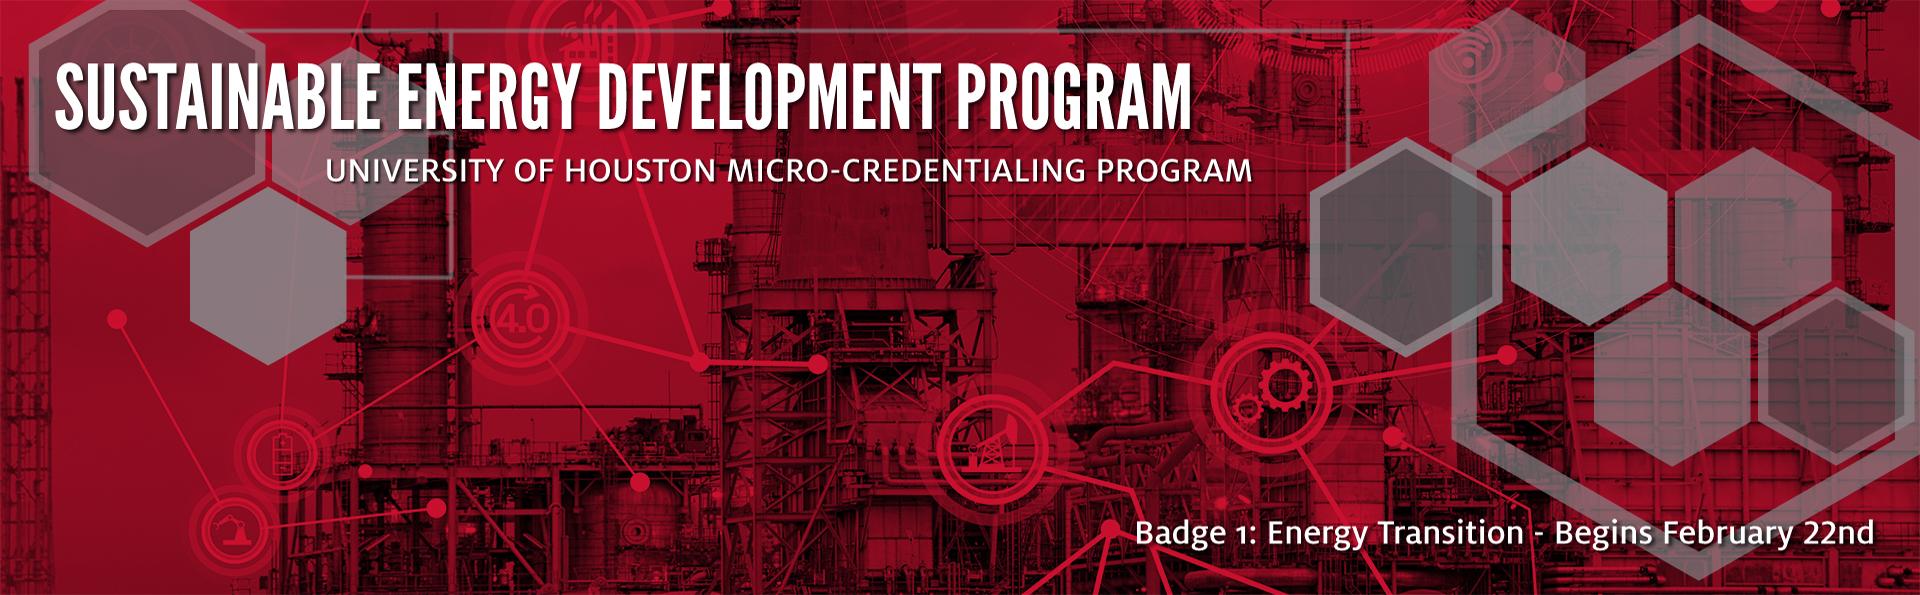 Sustainable Energy Development Program Banner